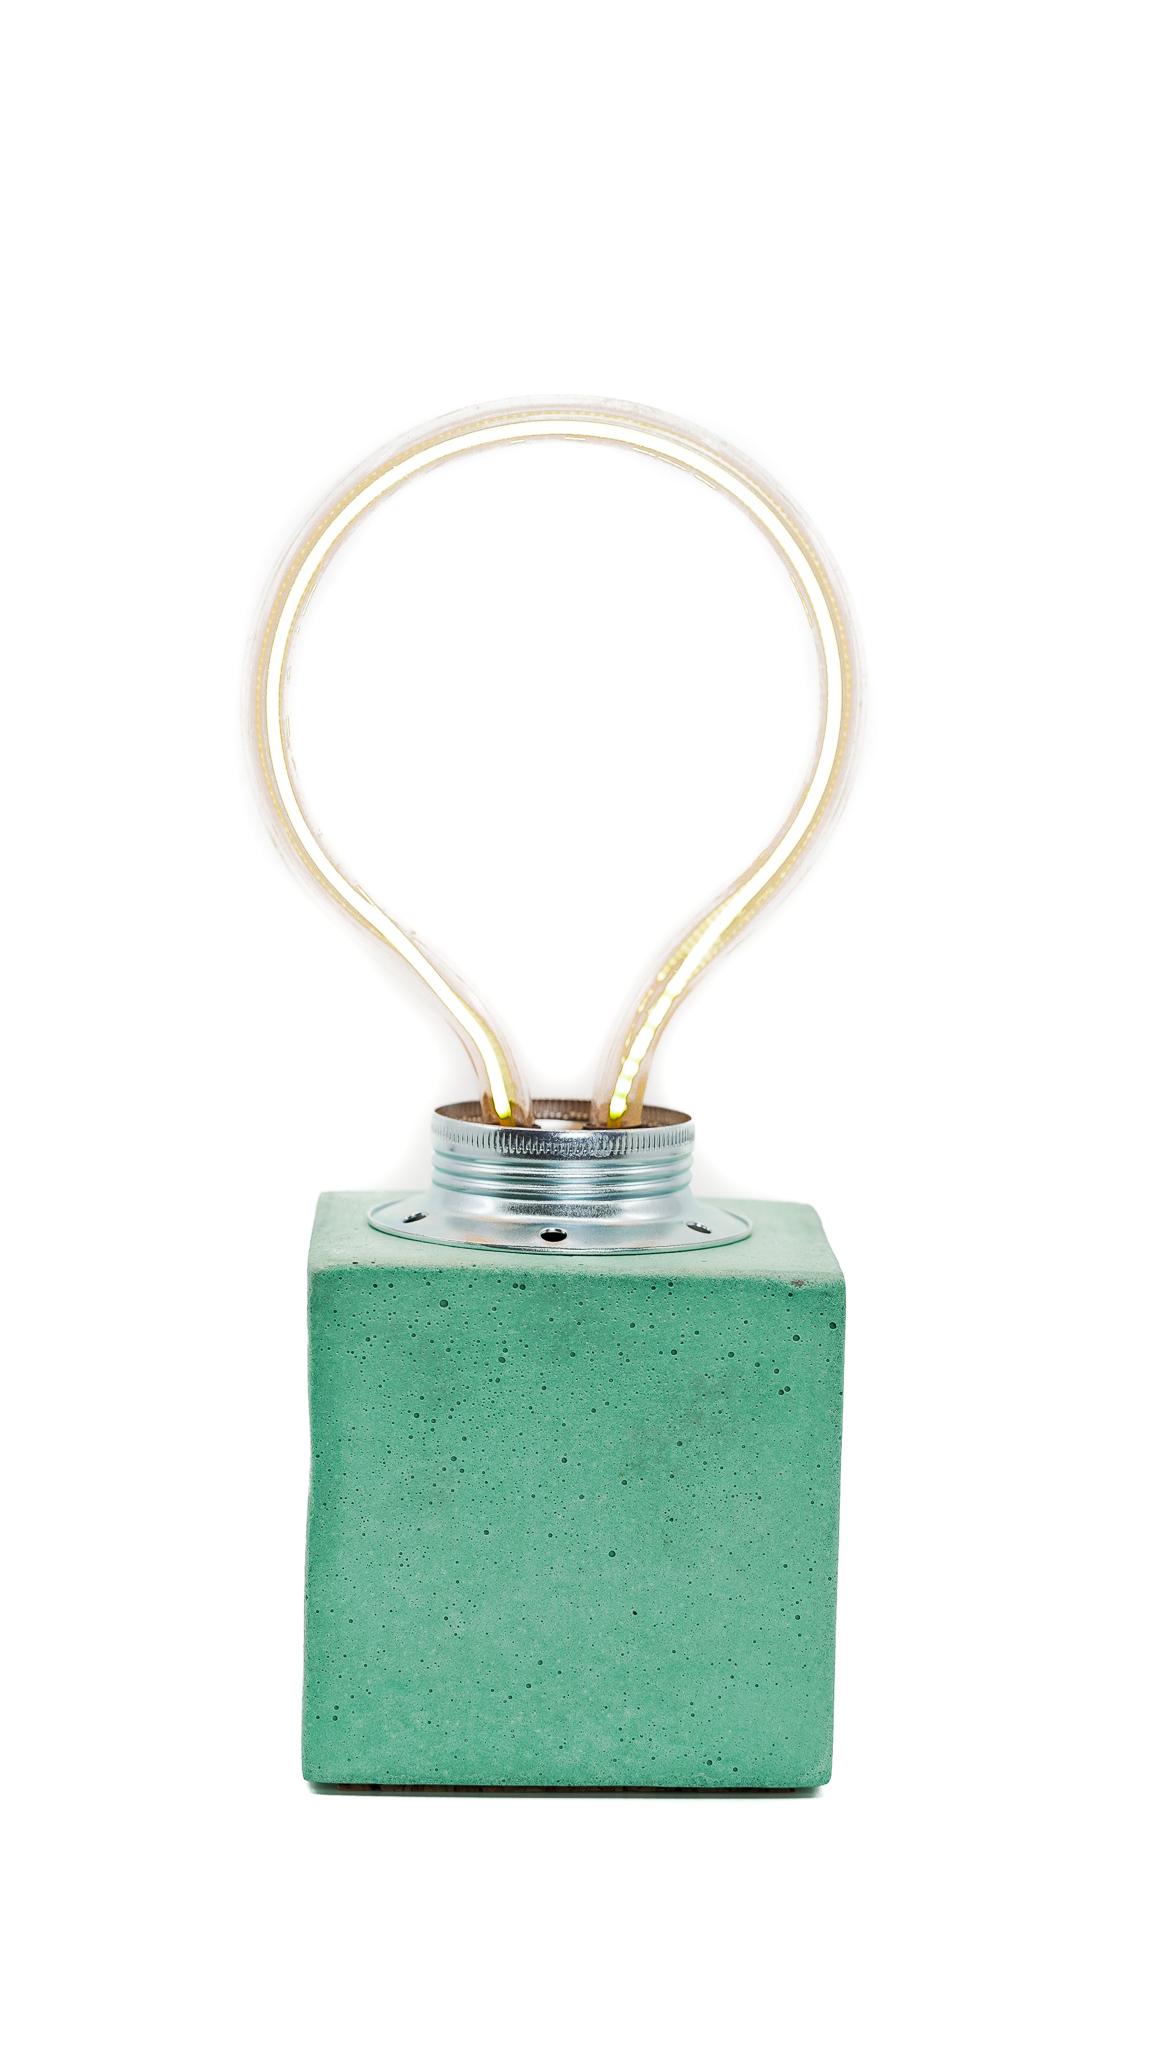 Lampe cube néon en béton turquoise fabrication artisanale